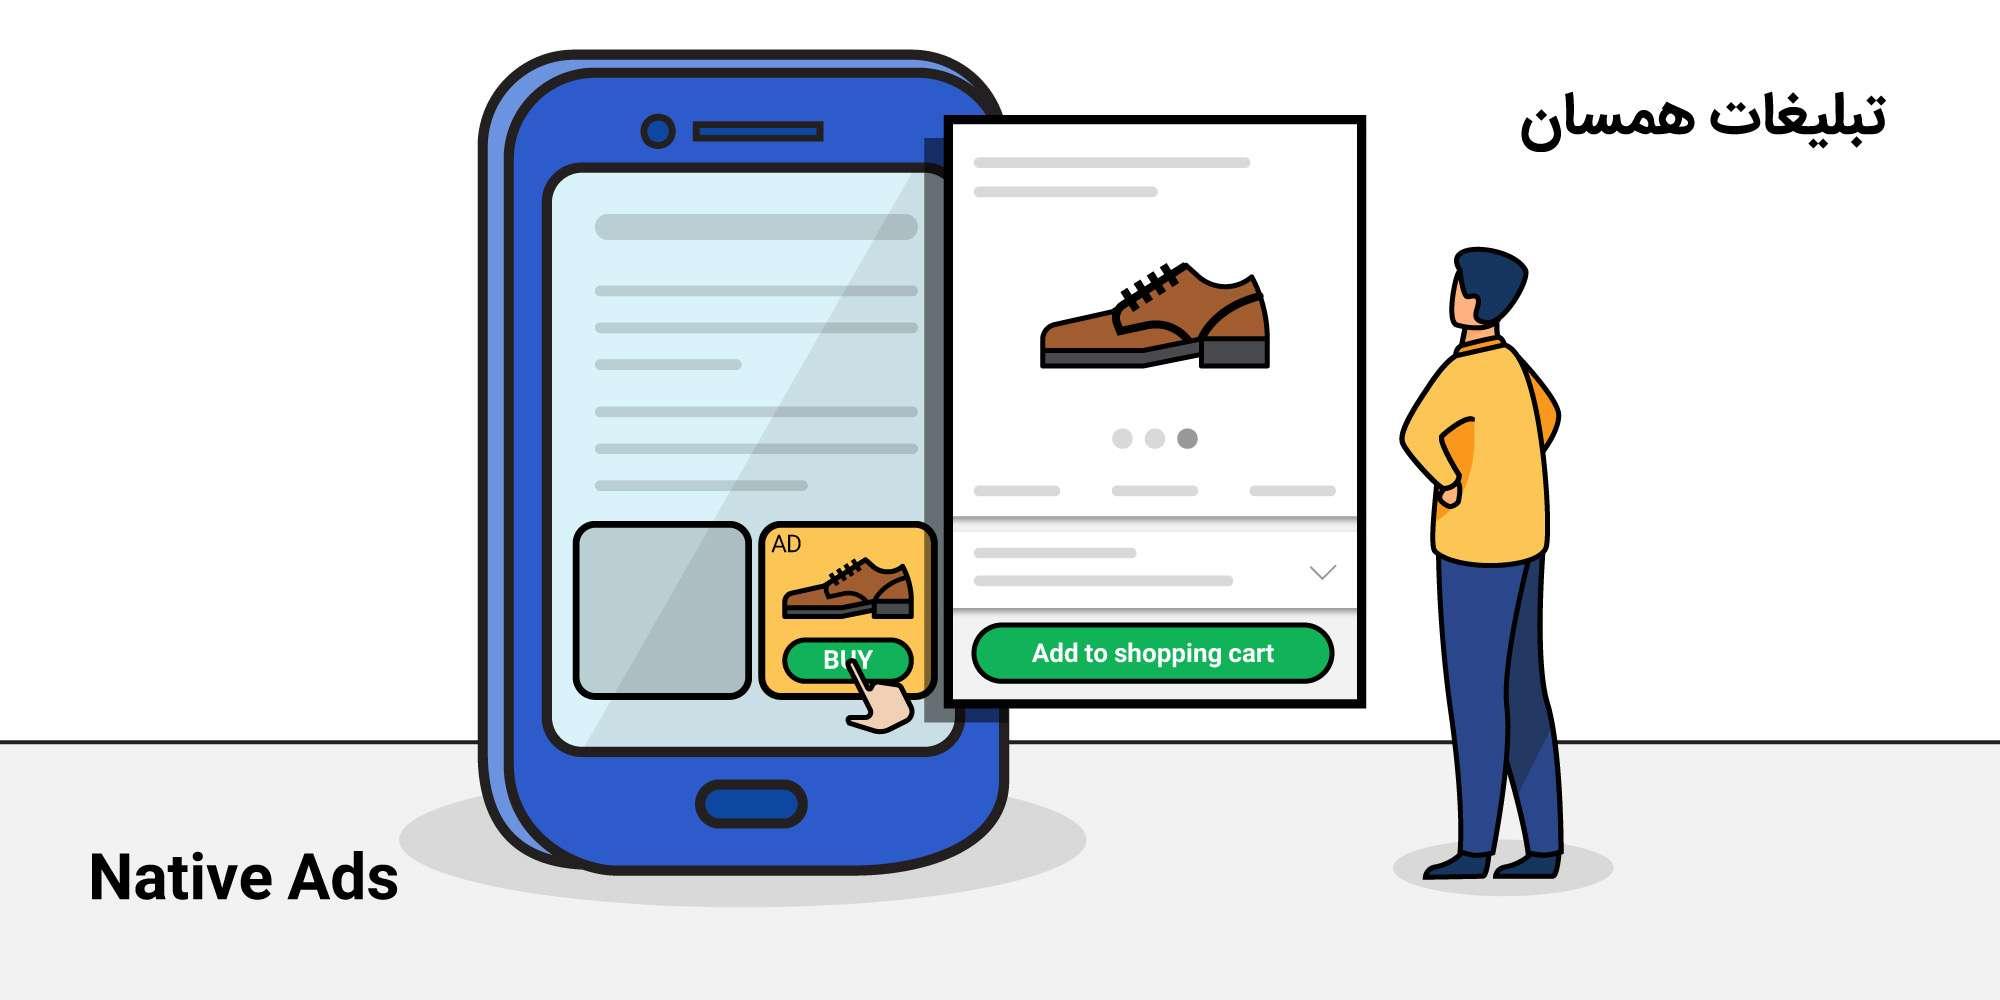 یک موبایل مارکتر که به تبلیغات همسان یا نیتیو نگاه می کند